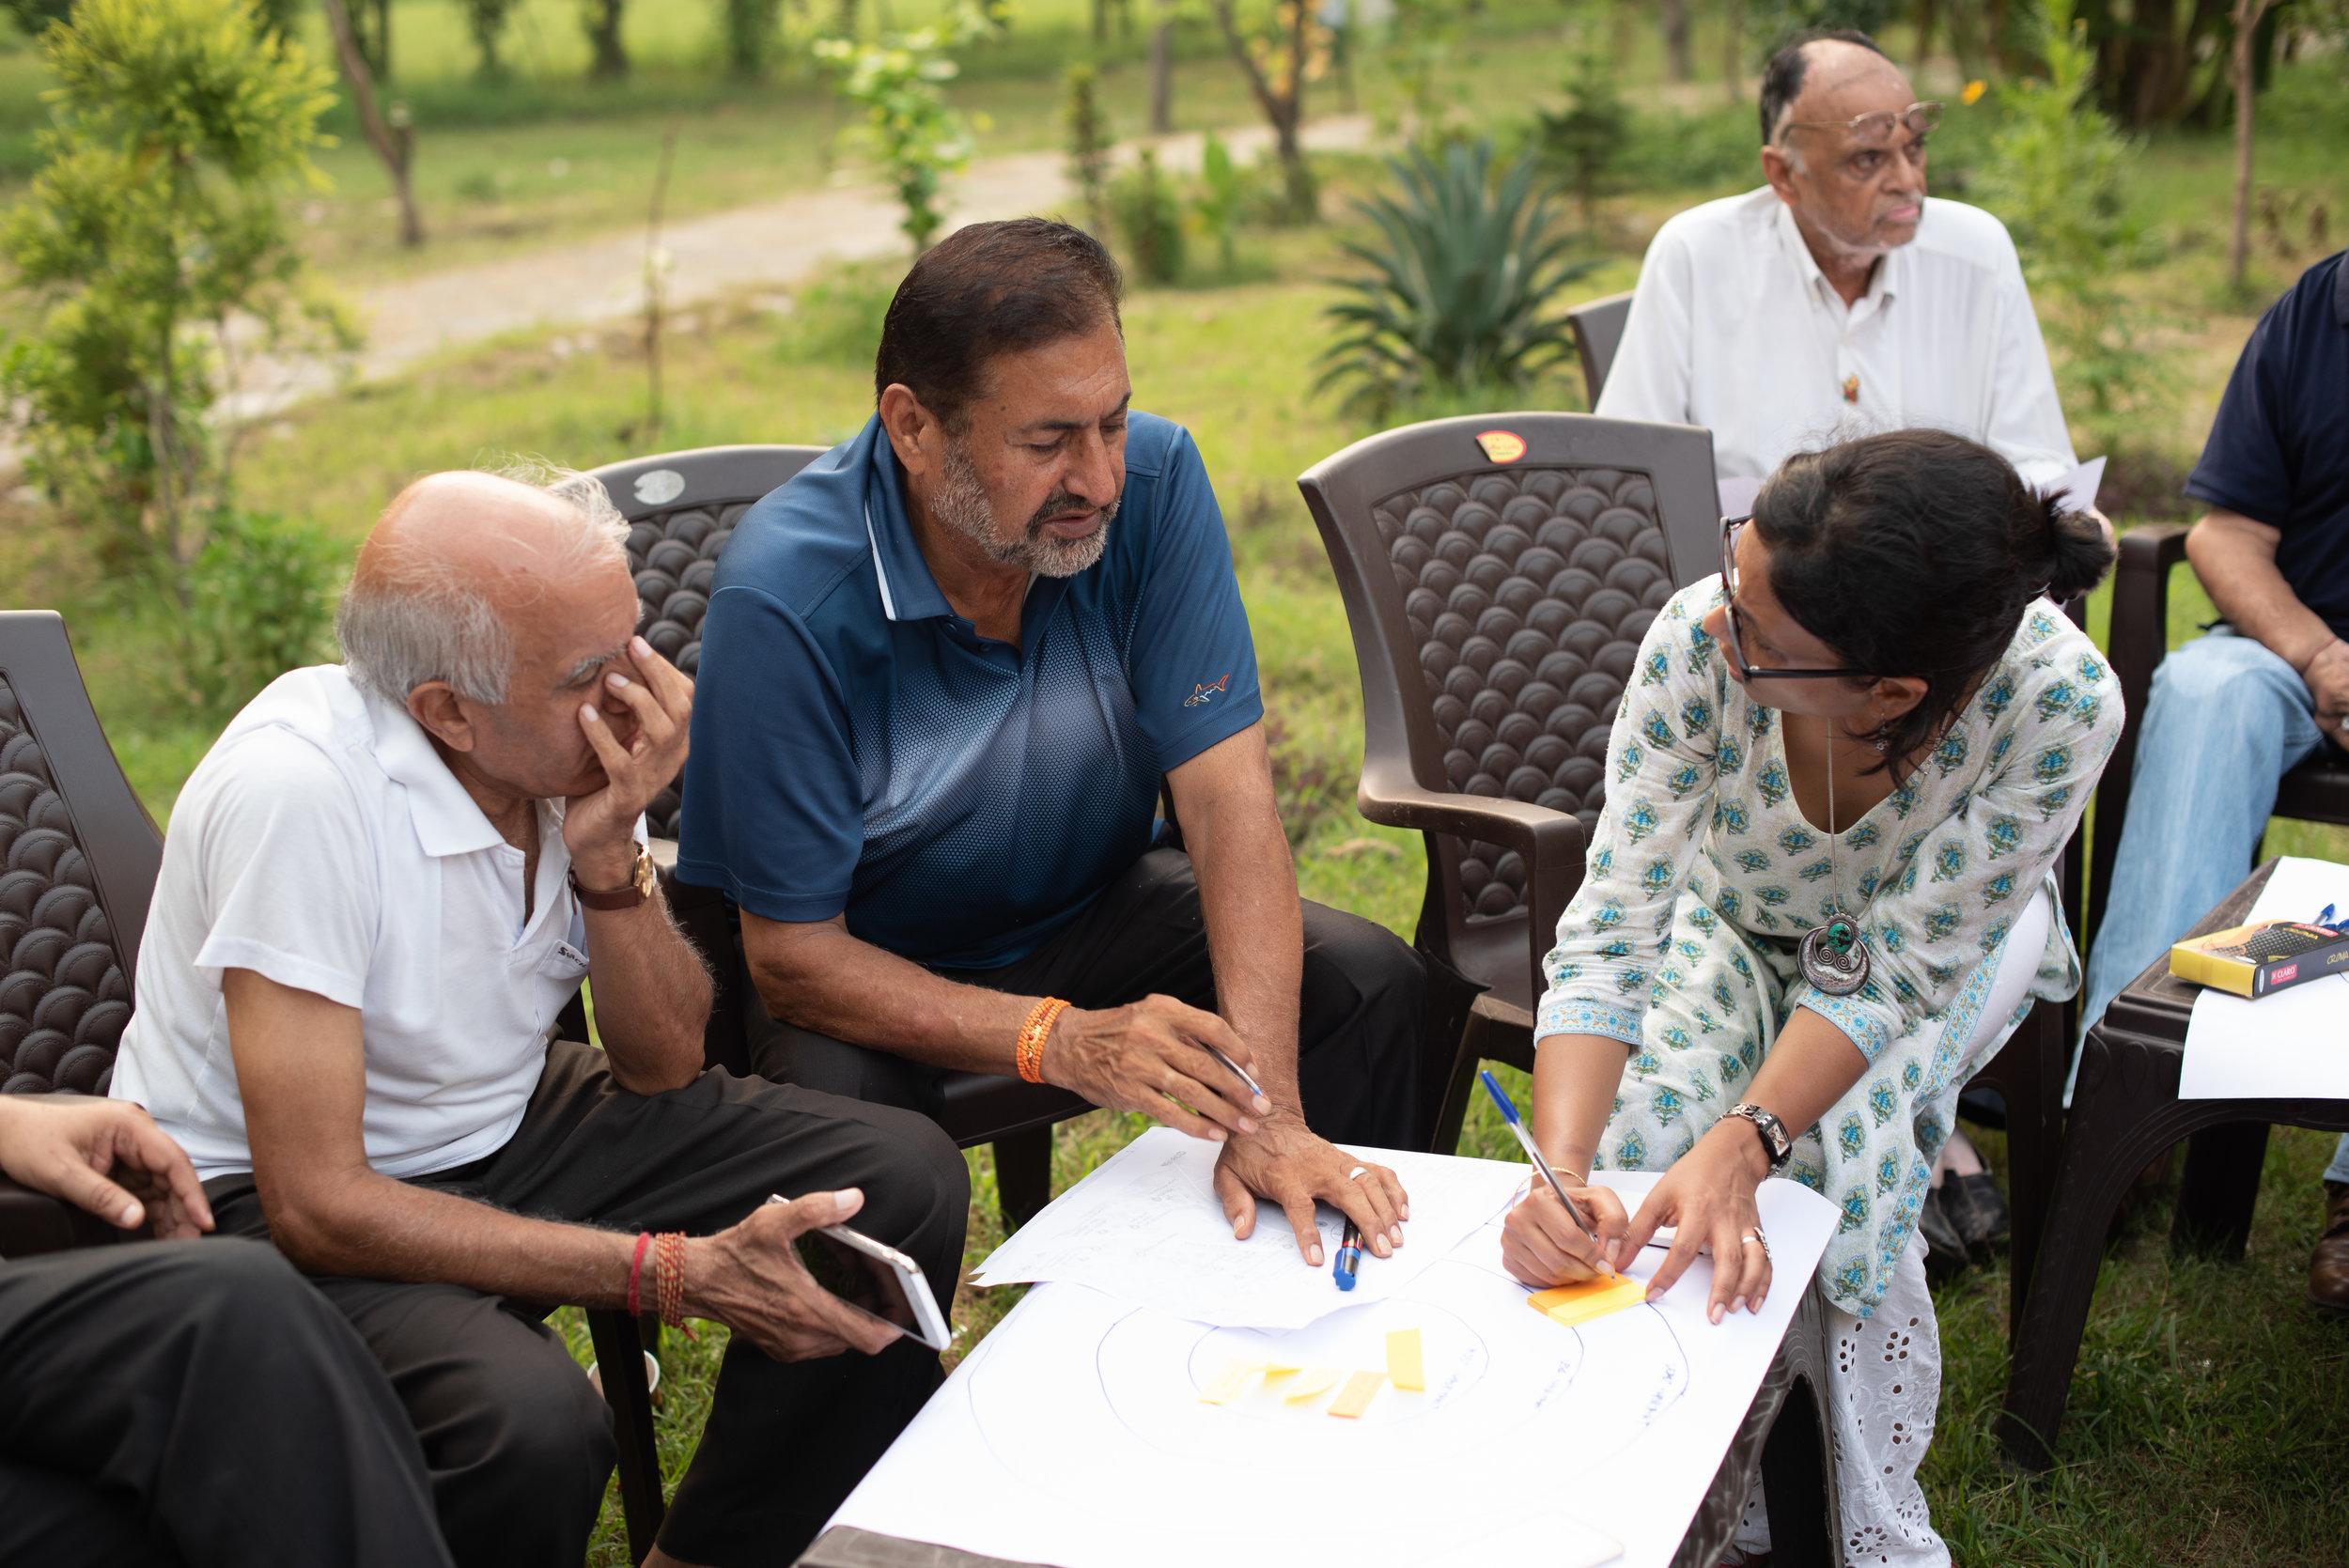 Group 1 discussing Jalandhar's assets